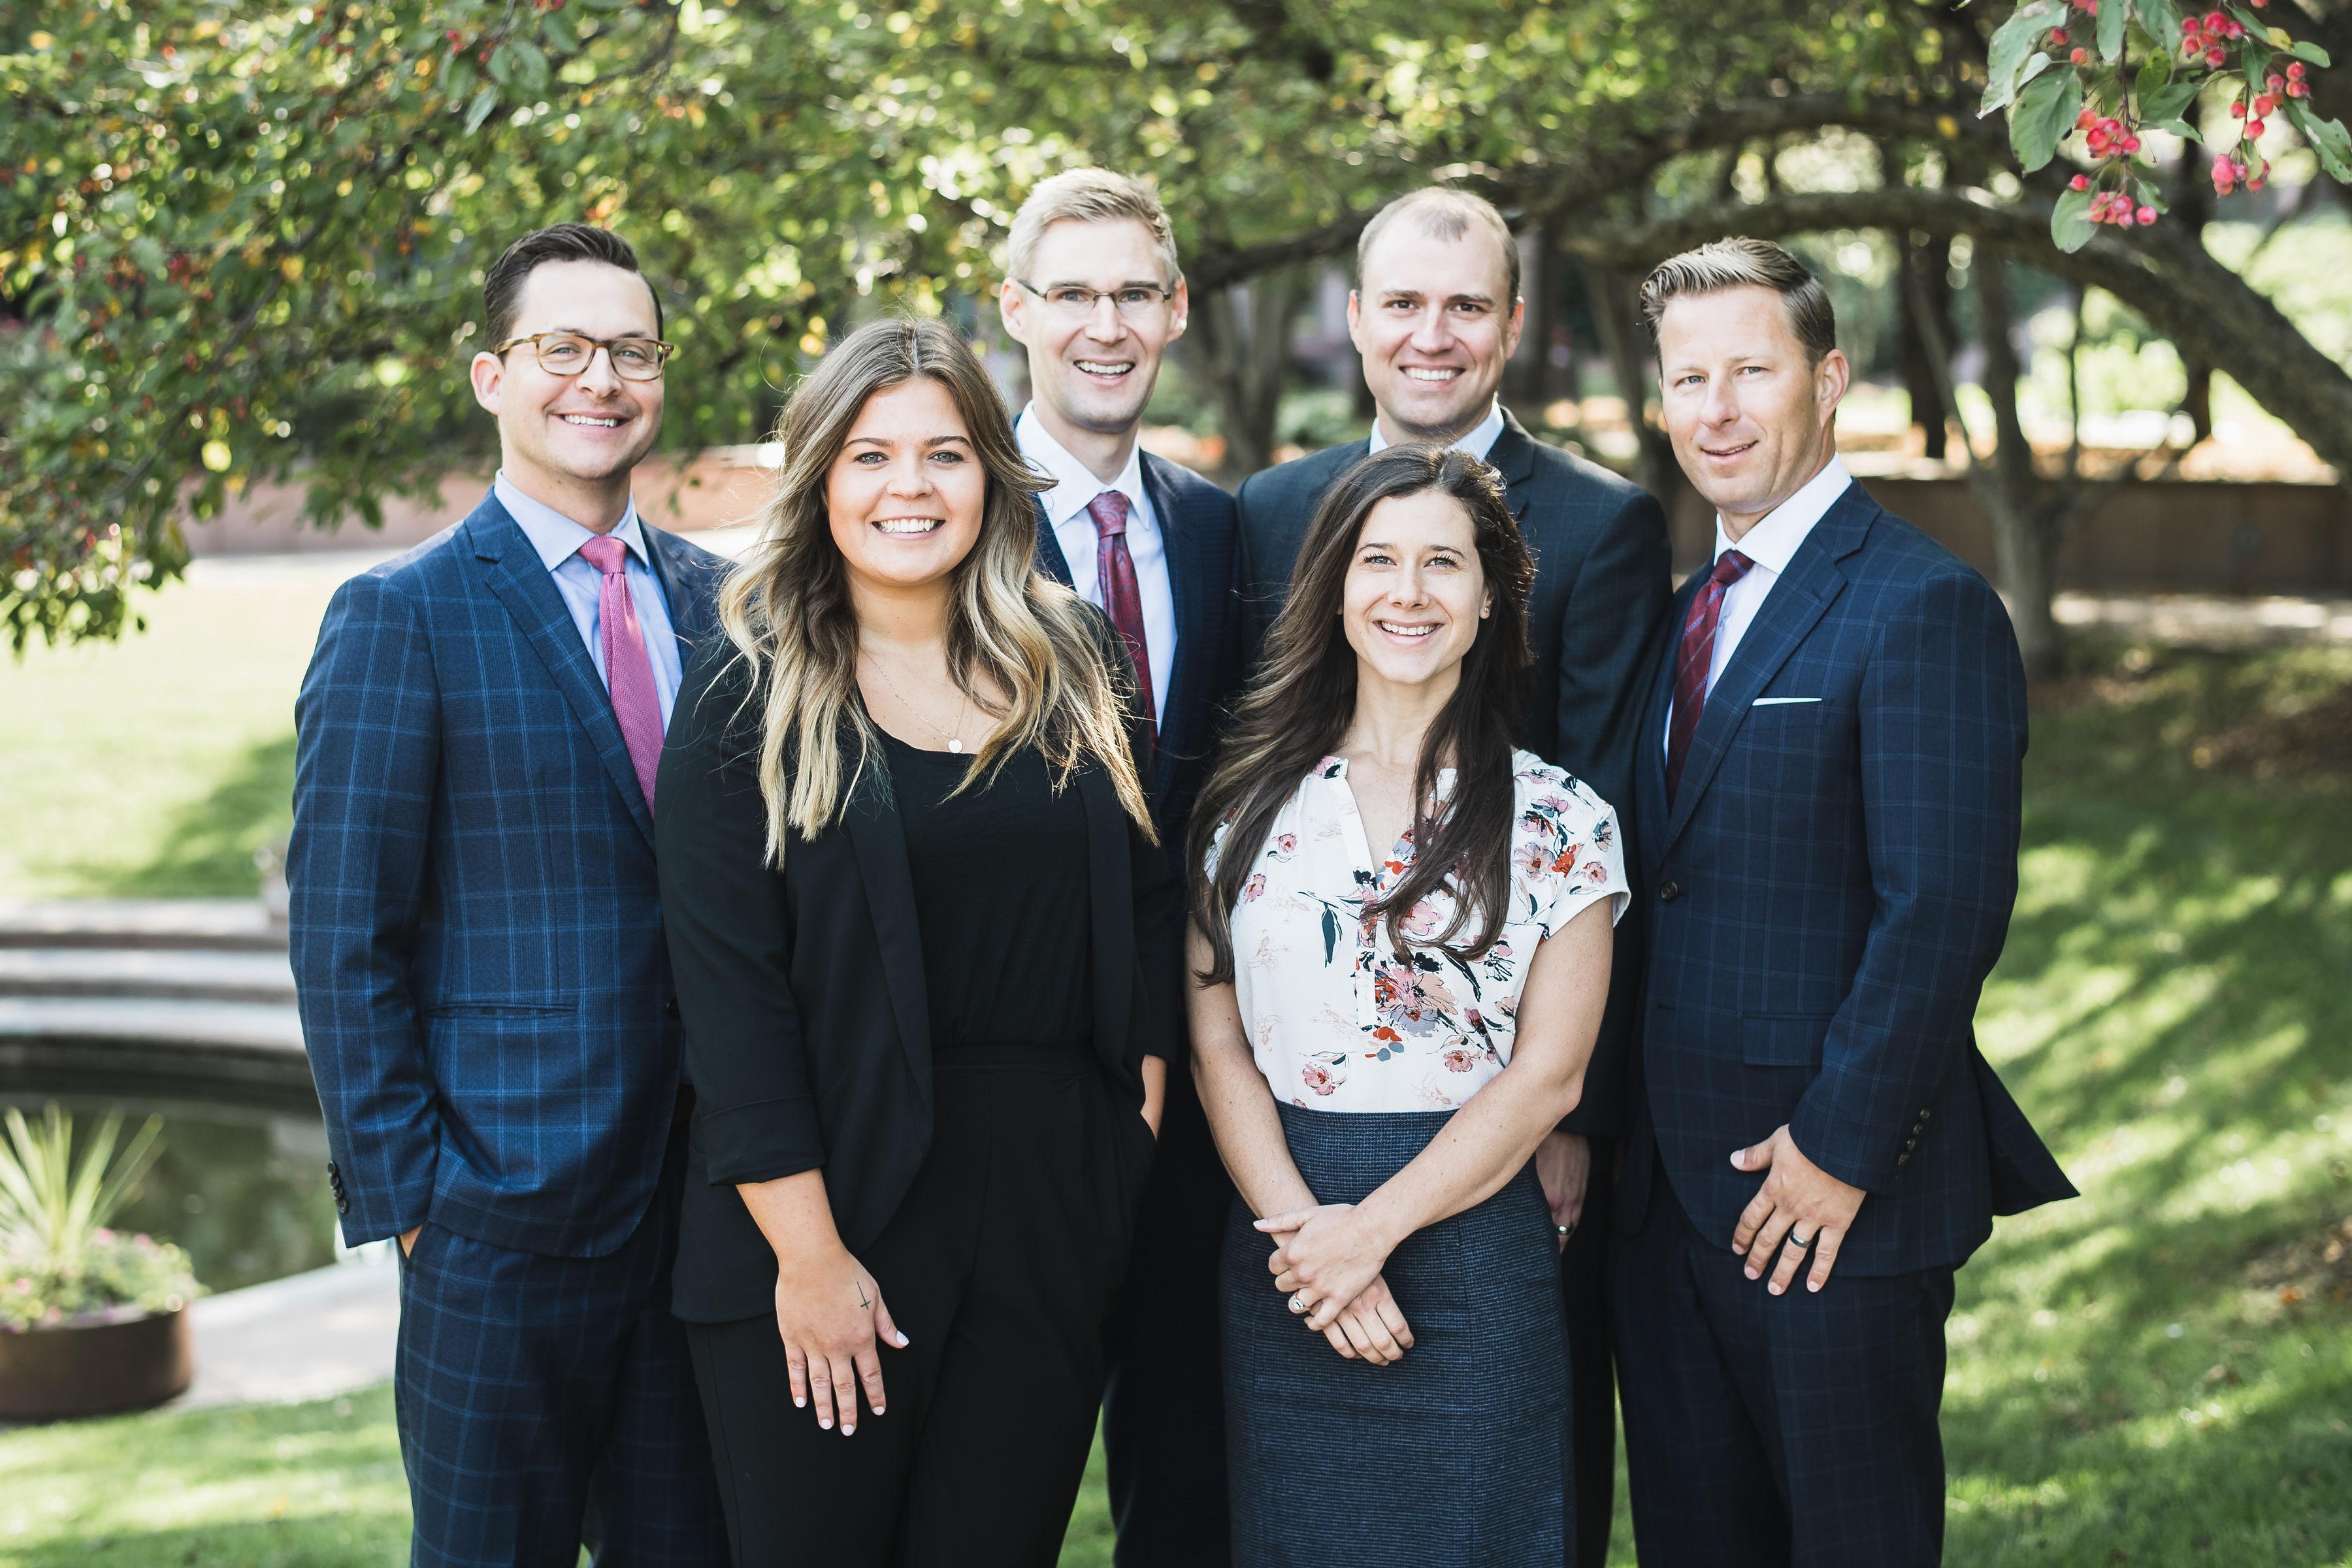 The Great Waters Financial Minnetonka Team Portrait